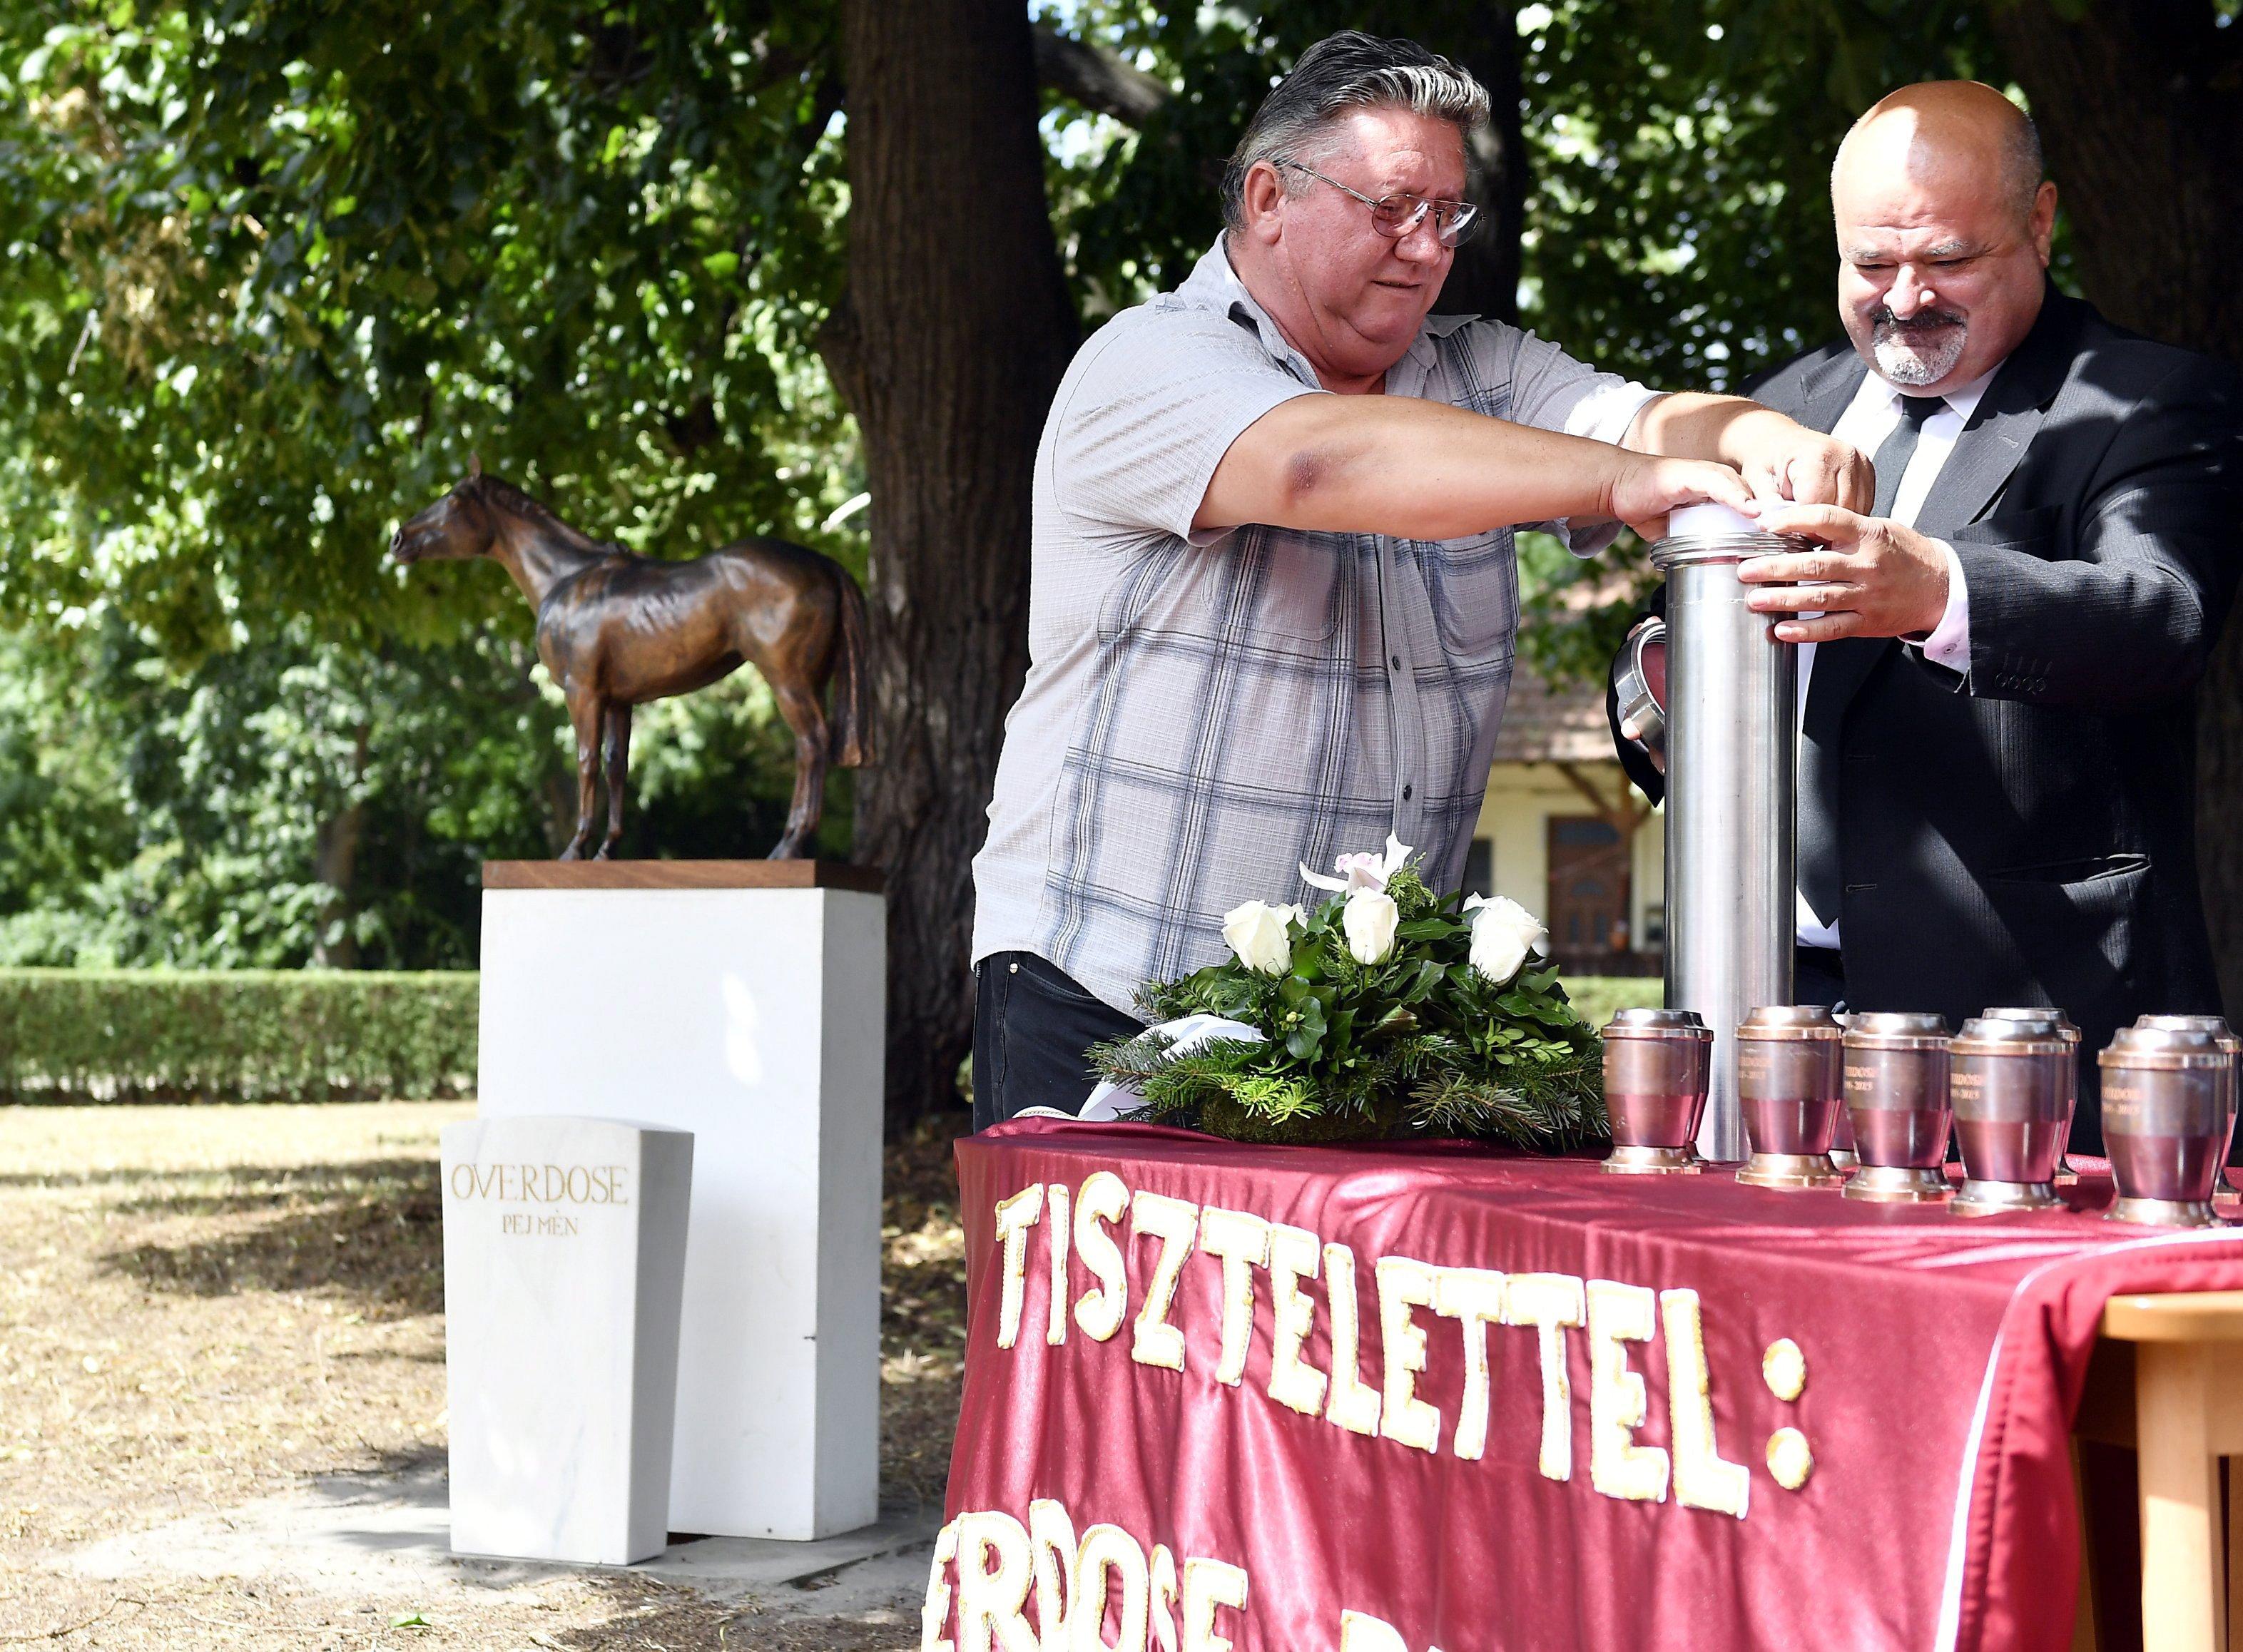 Overdose hamvait elhelyezték dunakeszi emlékműve talapzatánál